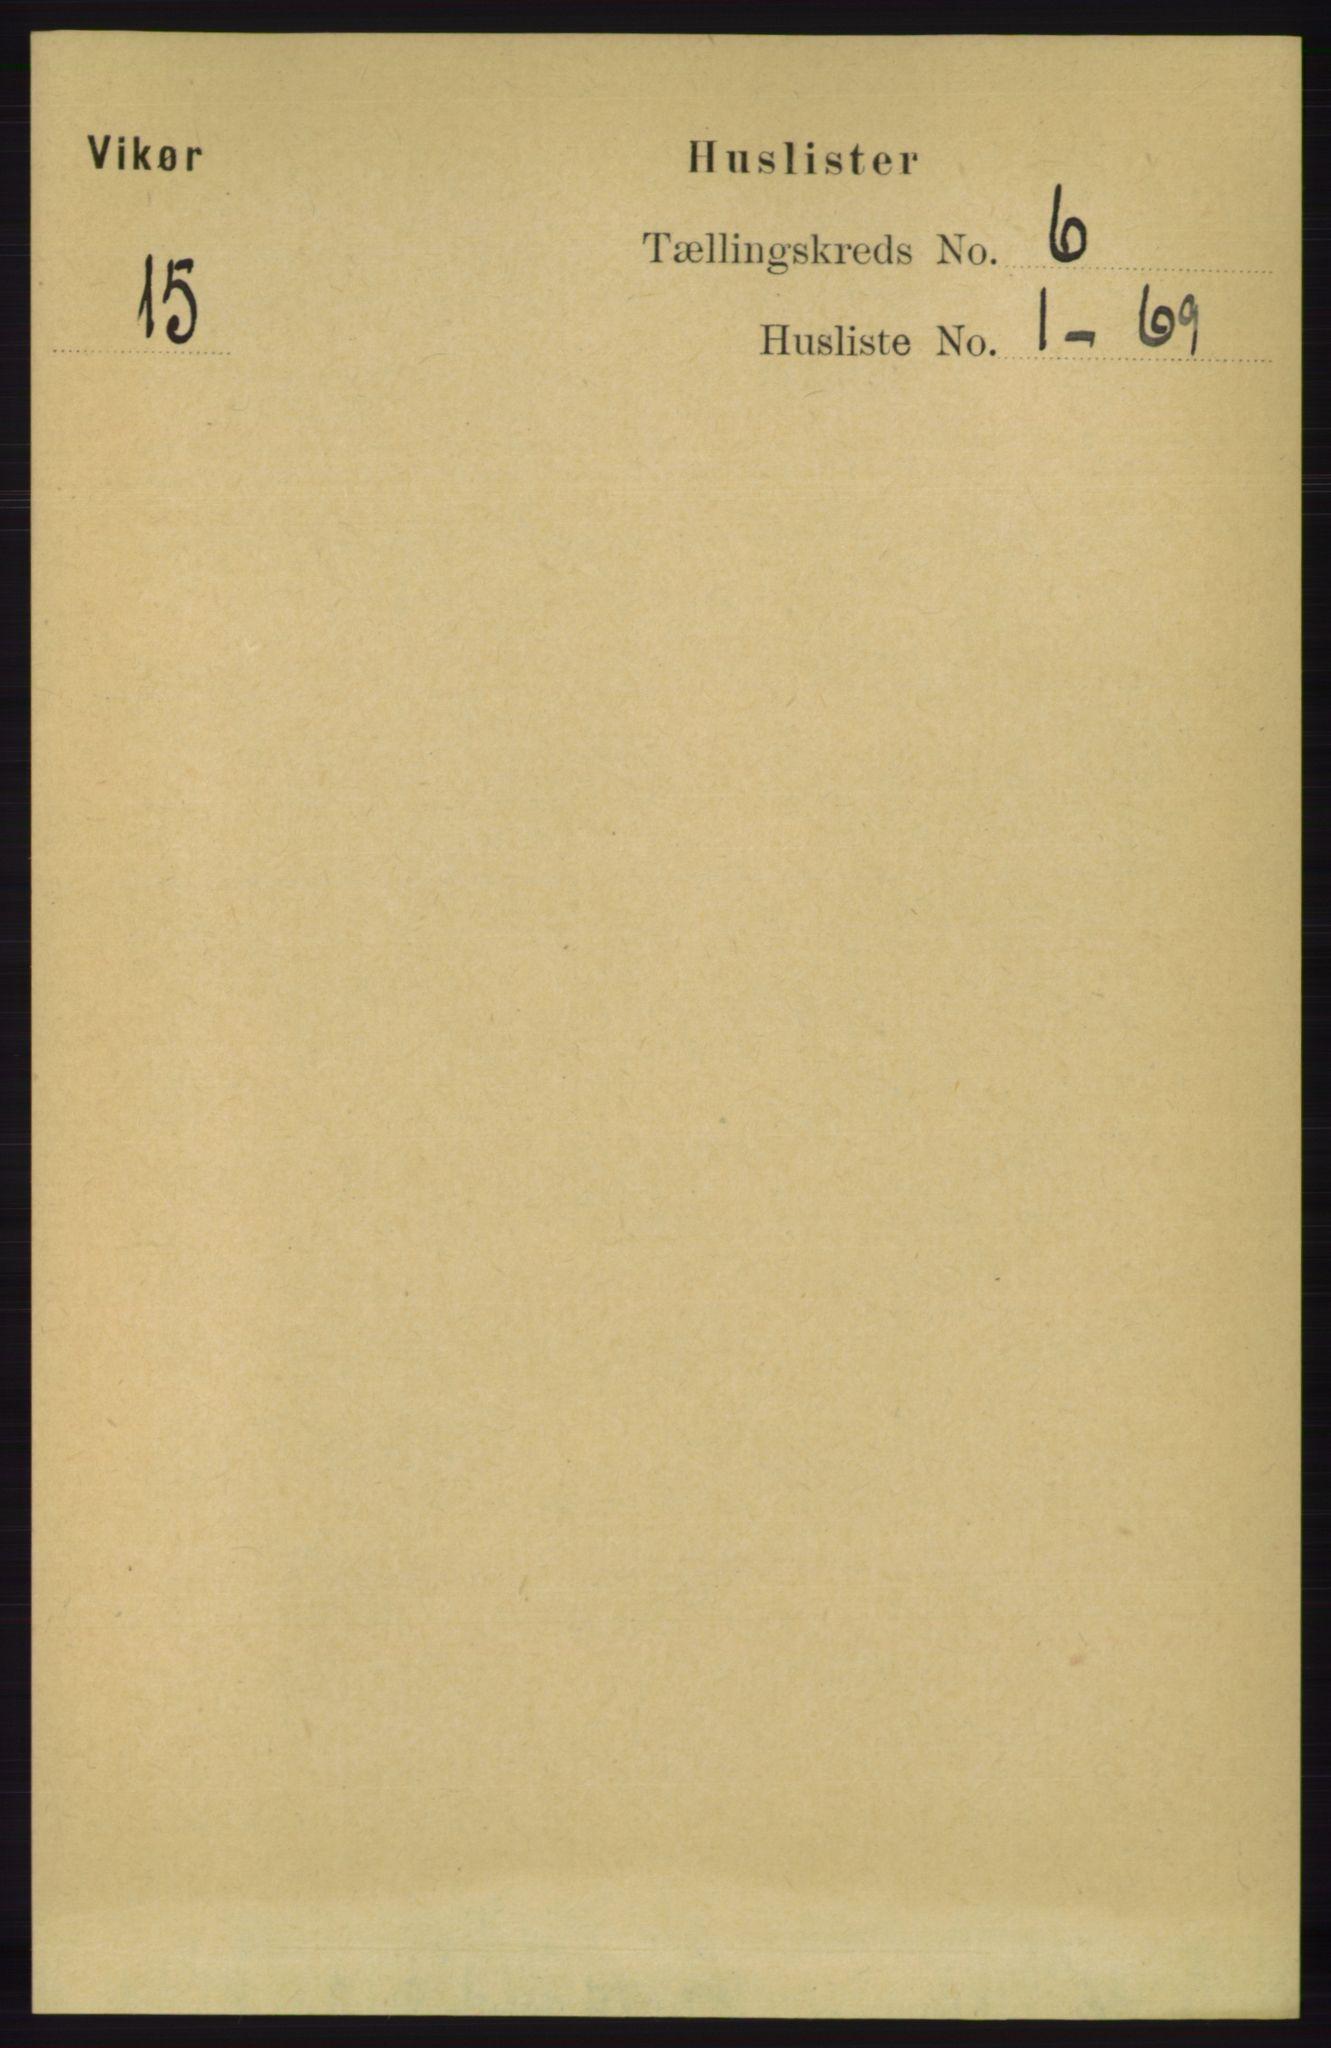 RA, Folketelling 1891 for 1238 Vikør herred, 1891, s. 1740